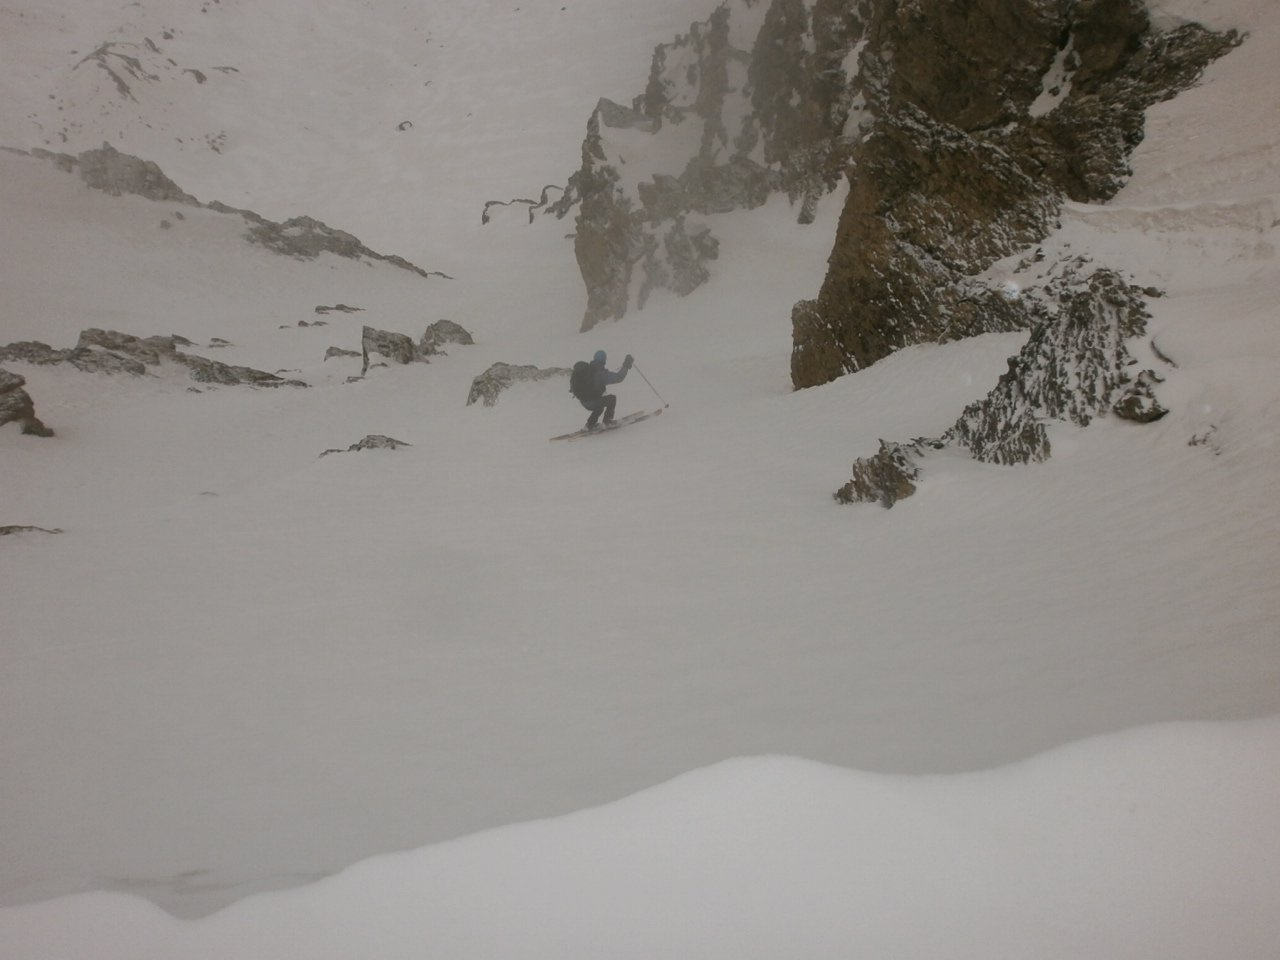 Canale di destra neve tecnica